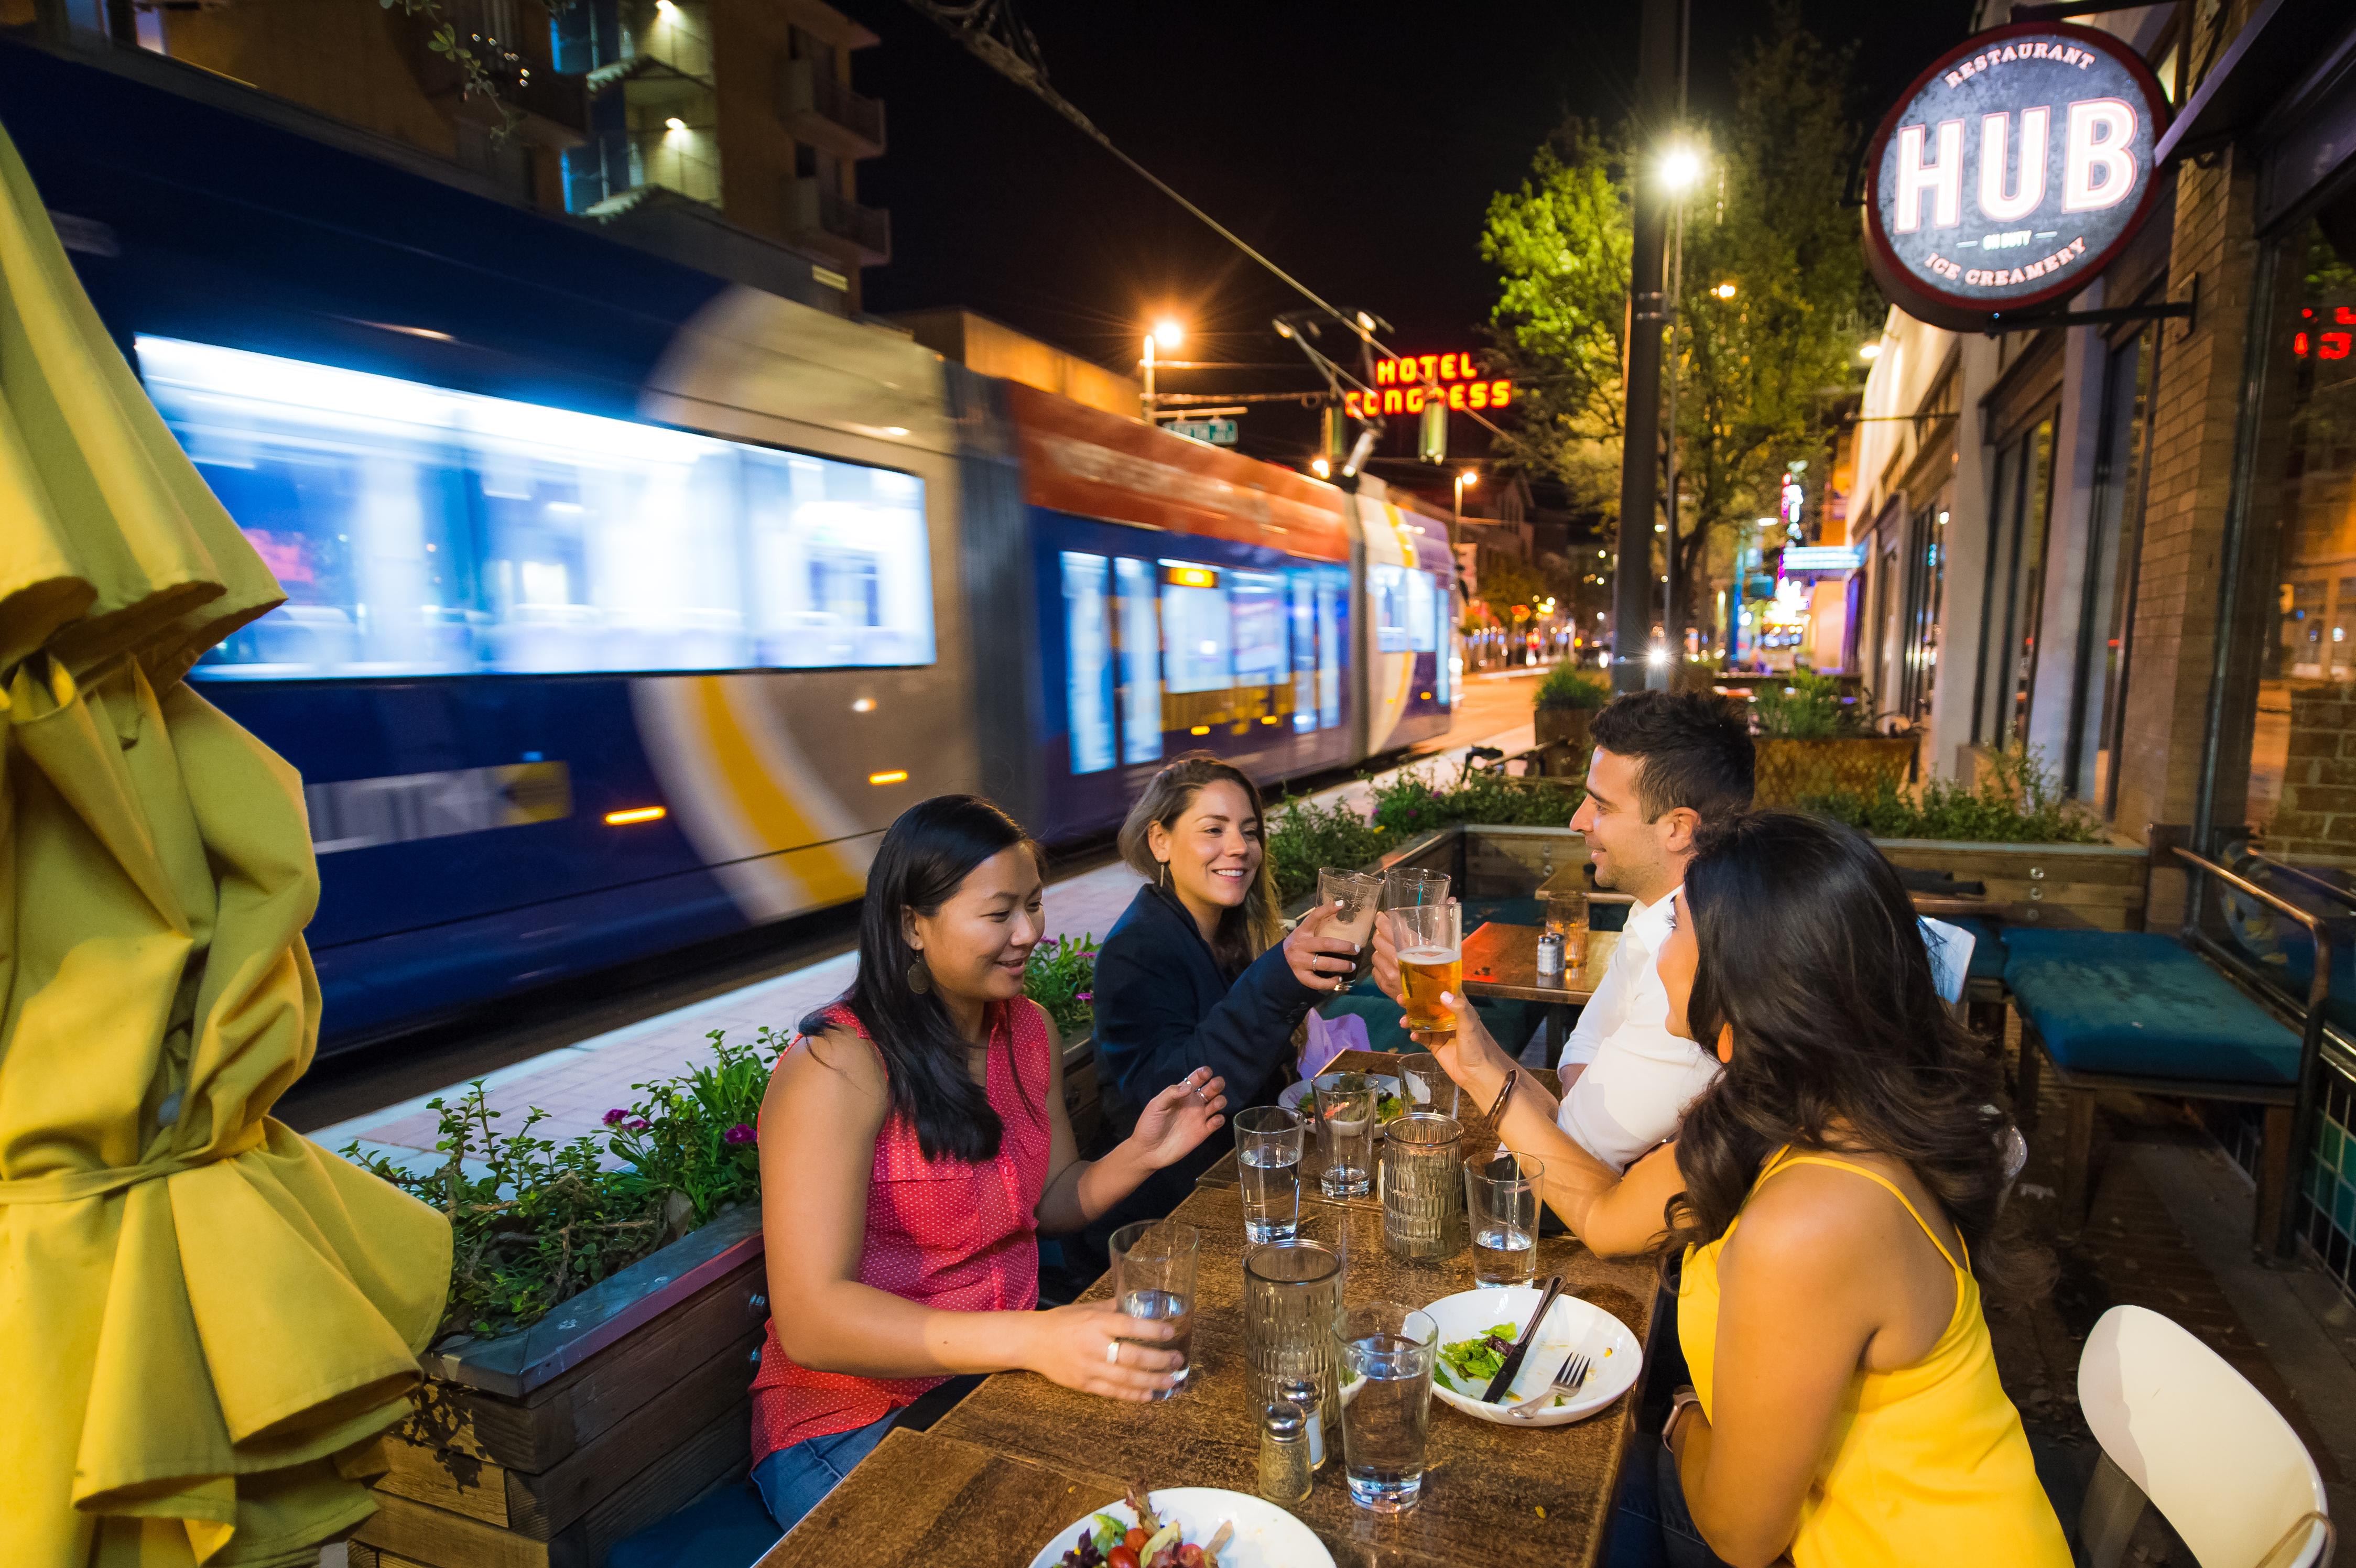 Hub dining, Photo courtesy Visit Tucson.